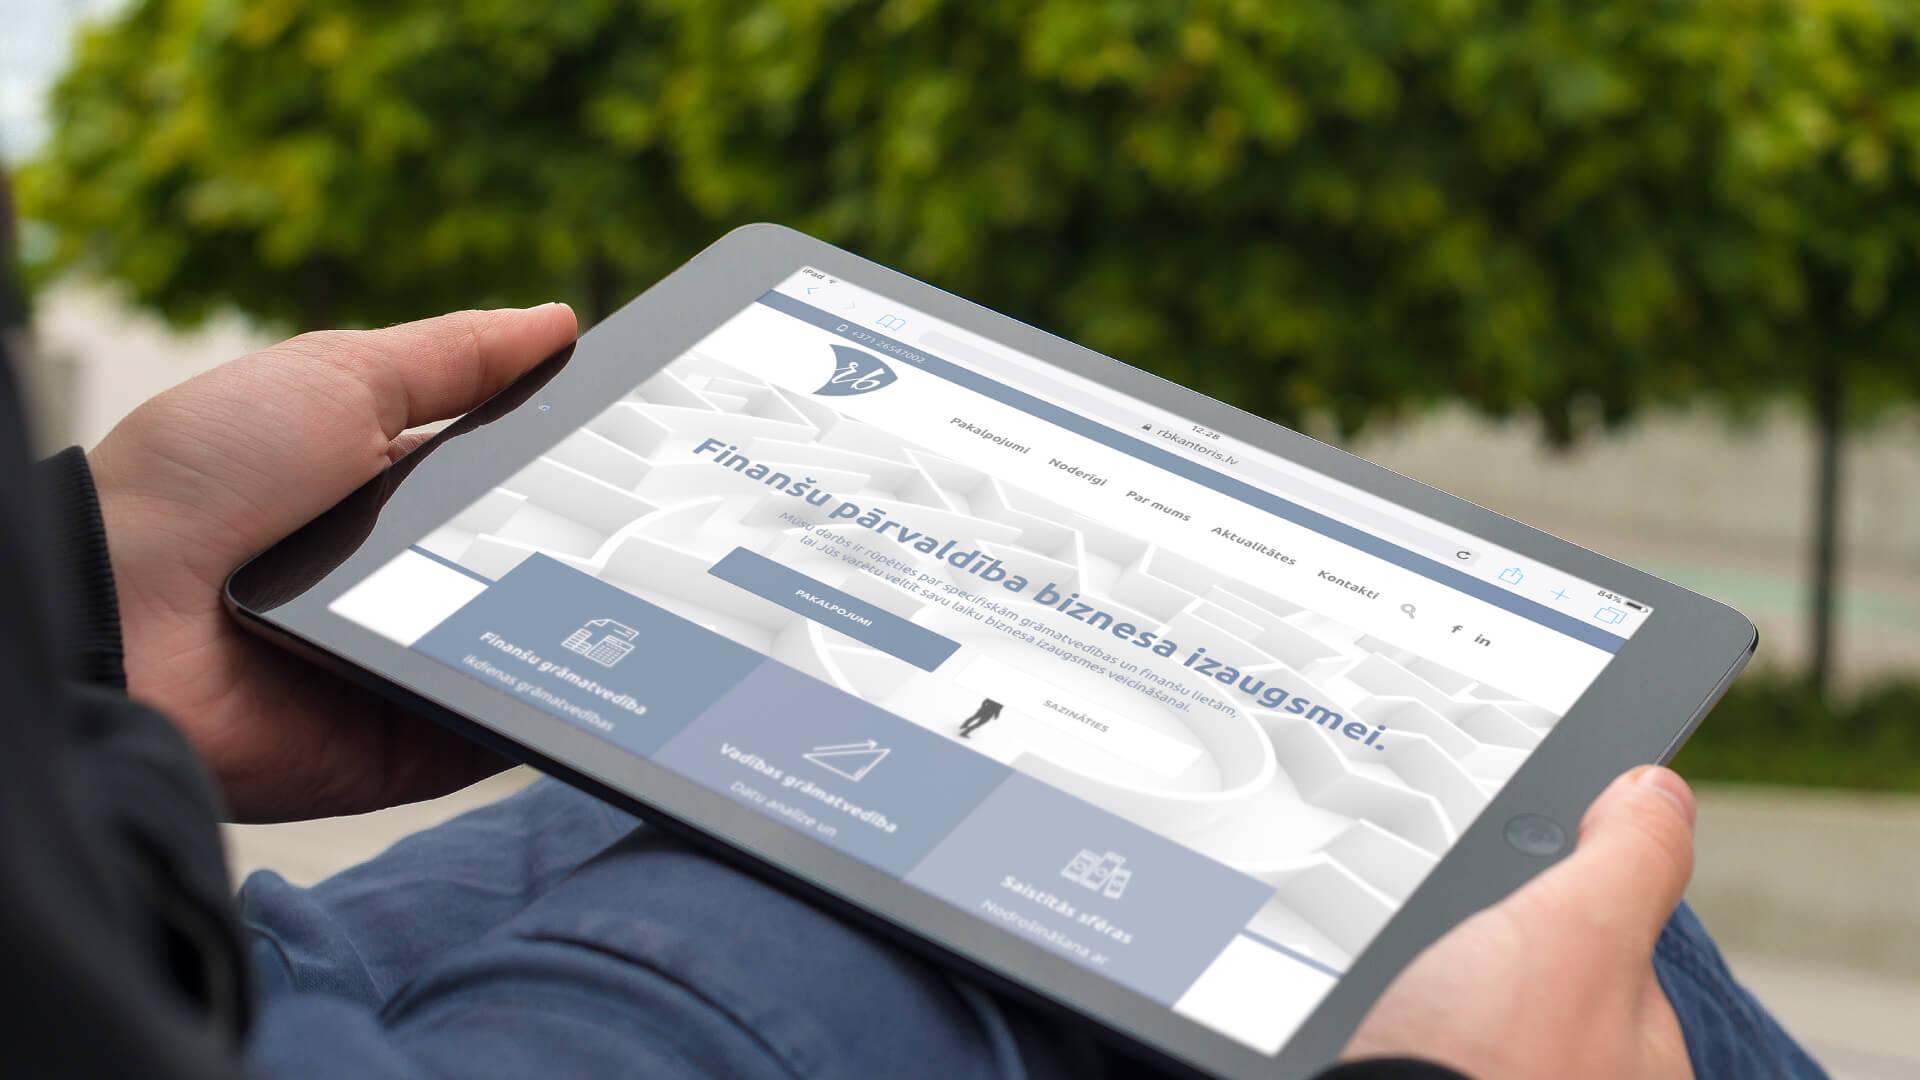 RB Kantoris - mājas lapa iPad